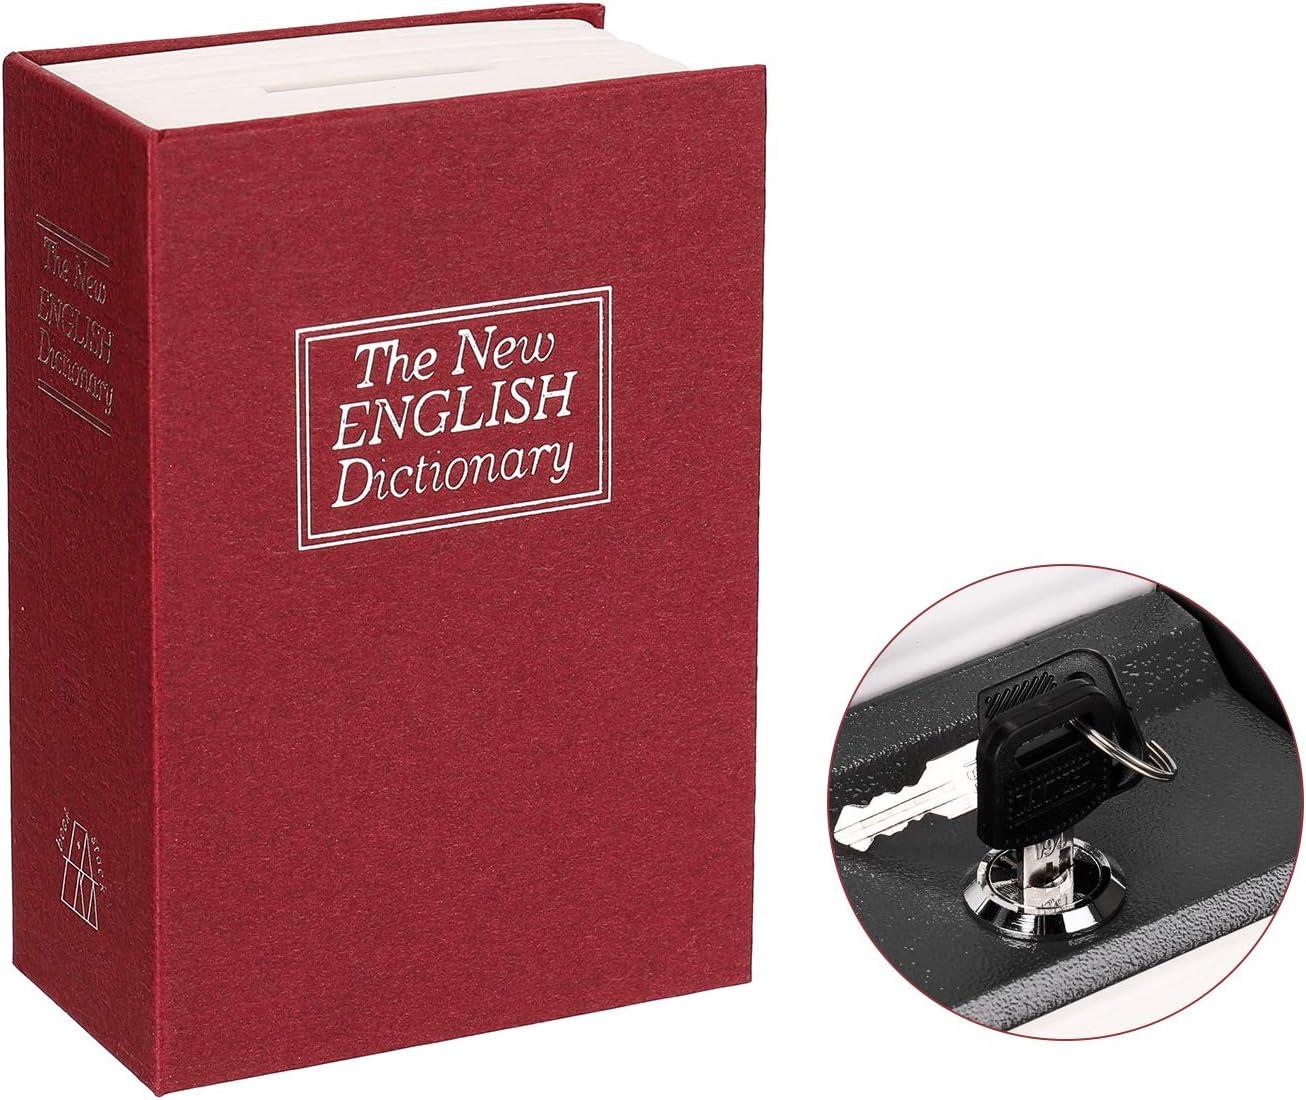 Fesjoy Caja secreta Diccionario Caja fuerte Libro Dinero Cerradura de seguridad oculta Efectivo Moneda Almacenamiento Bloqueo de llave para regalo de ni/ño